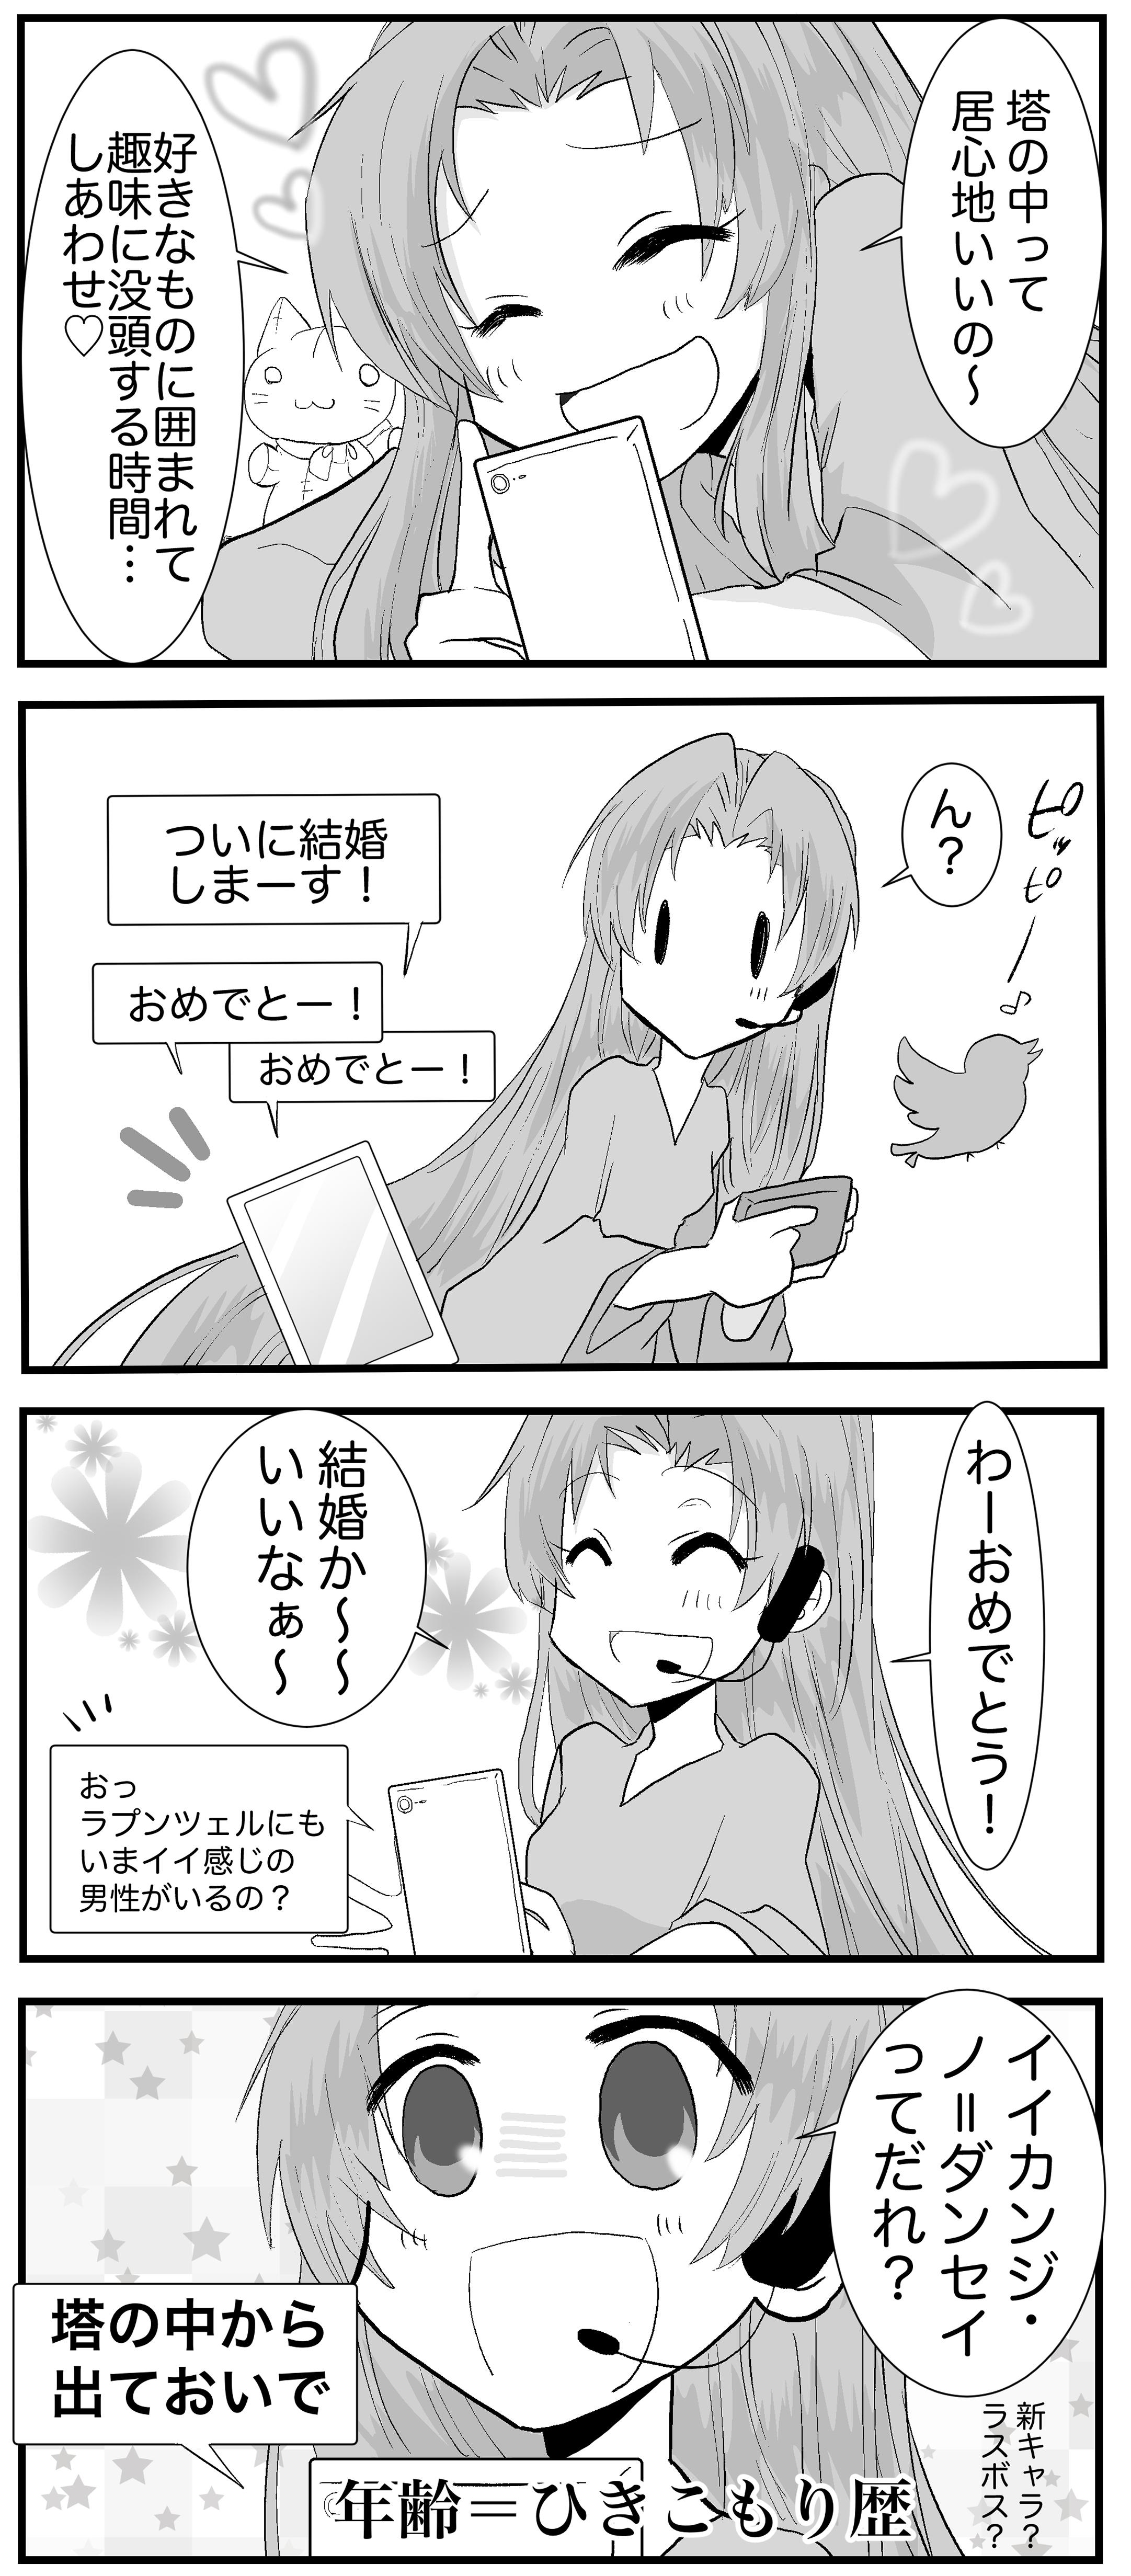 【婚活漫画】恋愛経験がないラプンツェル③